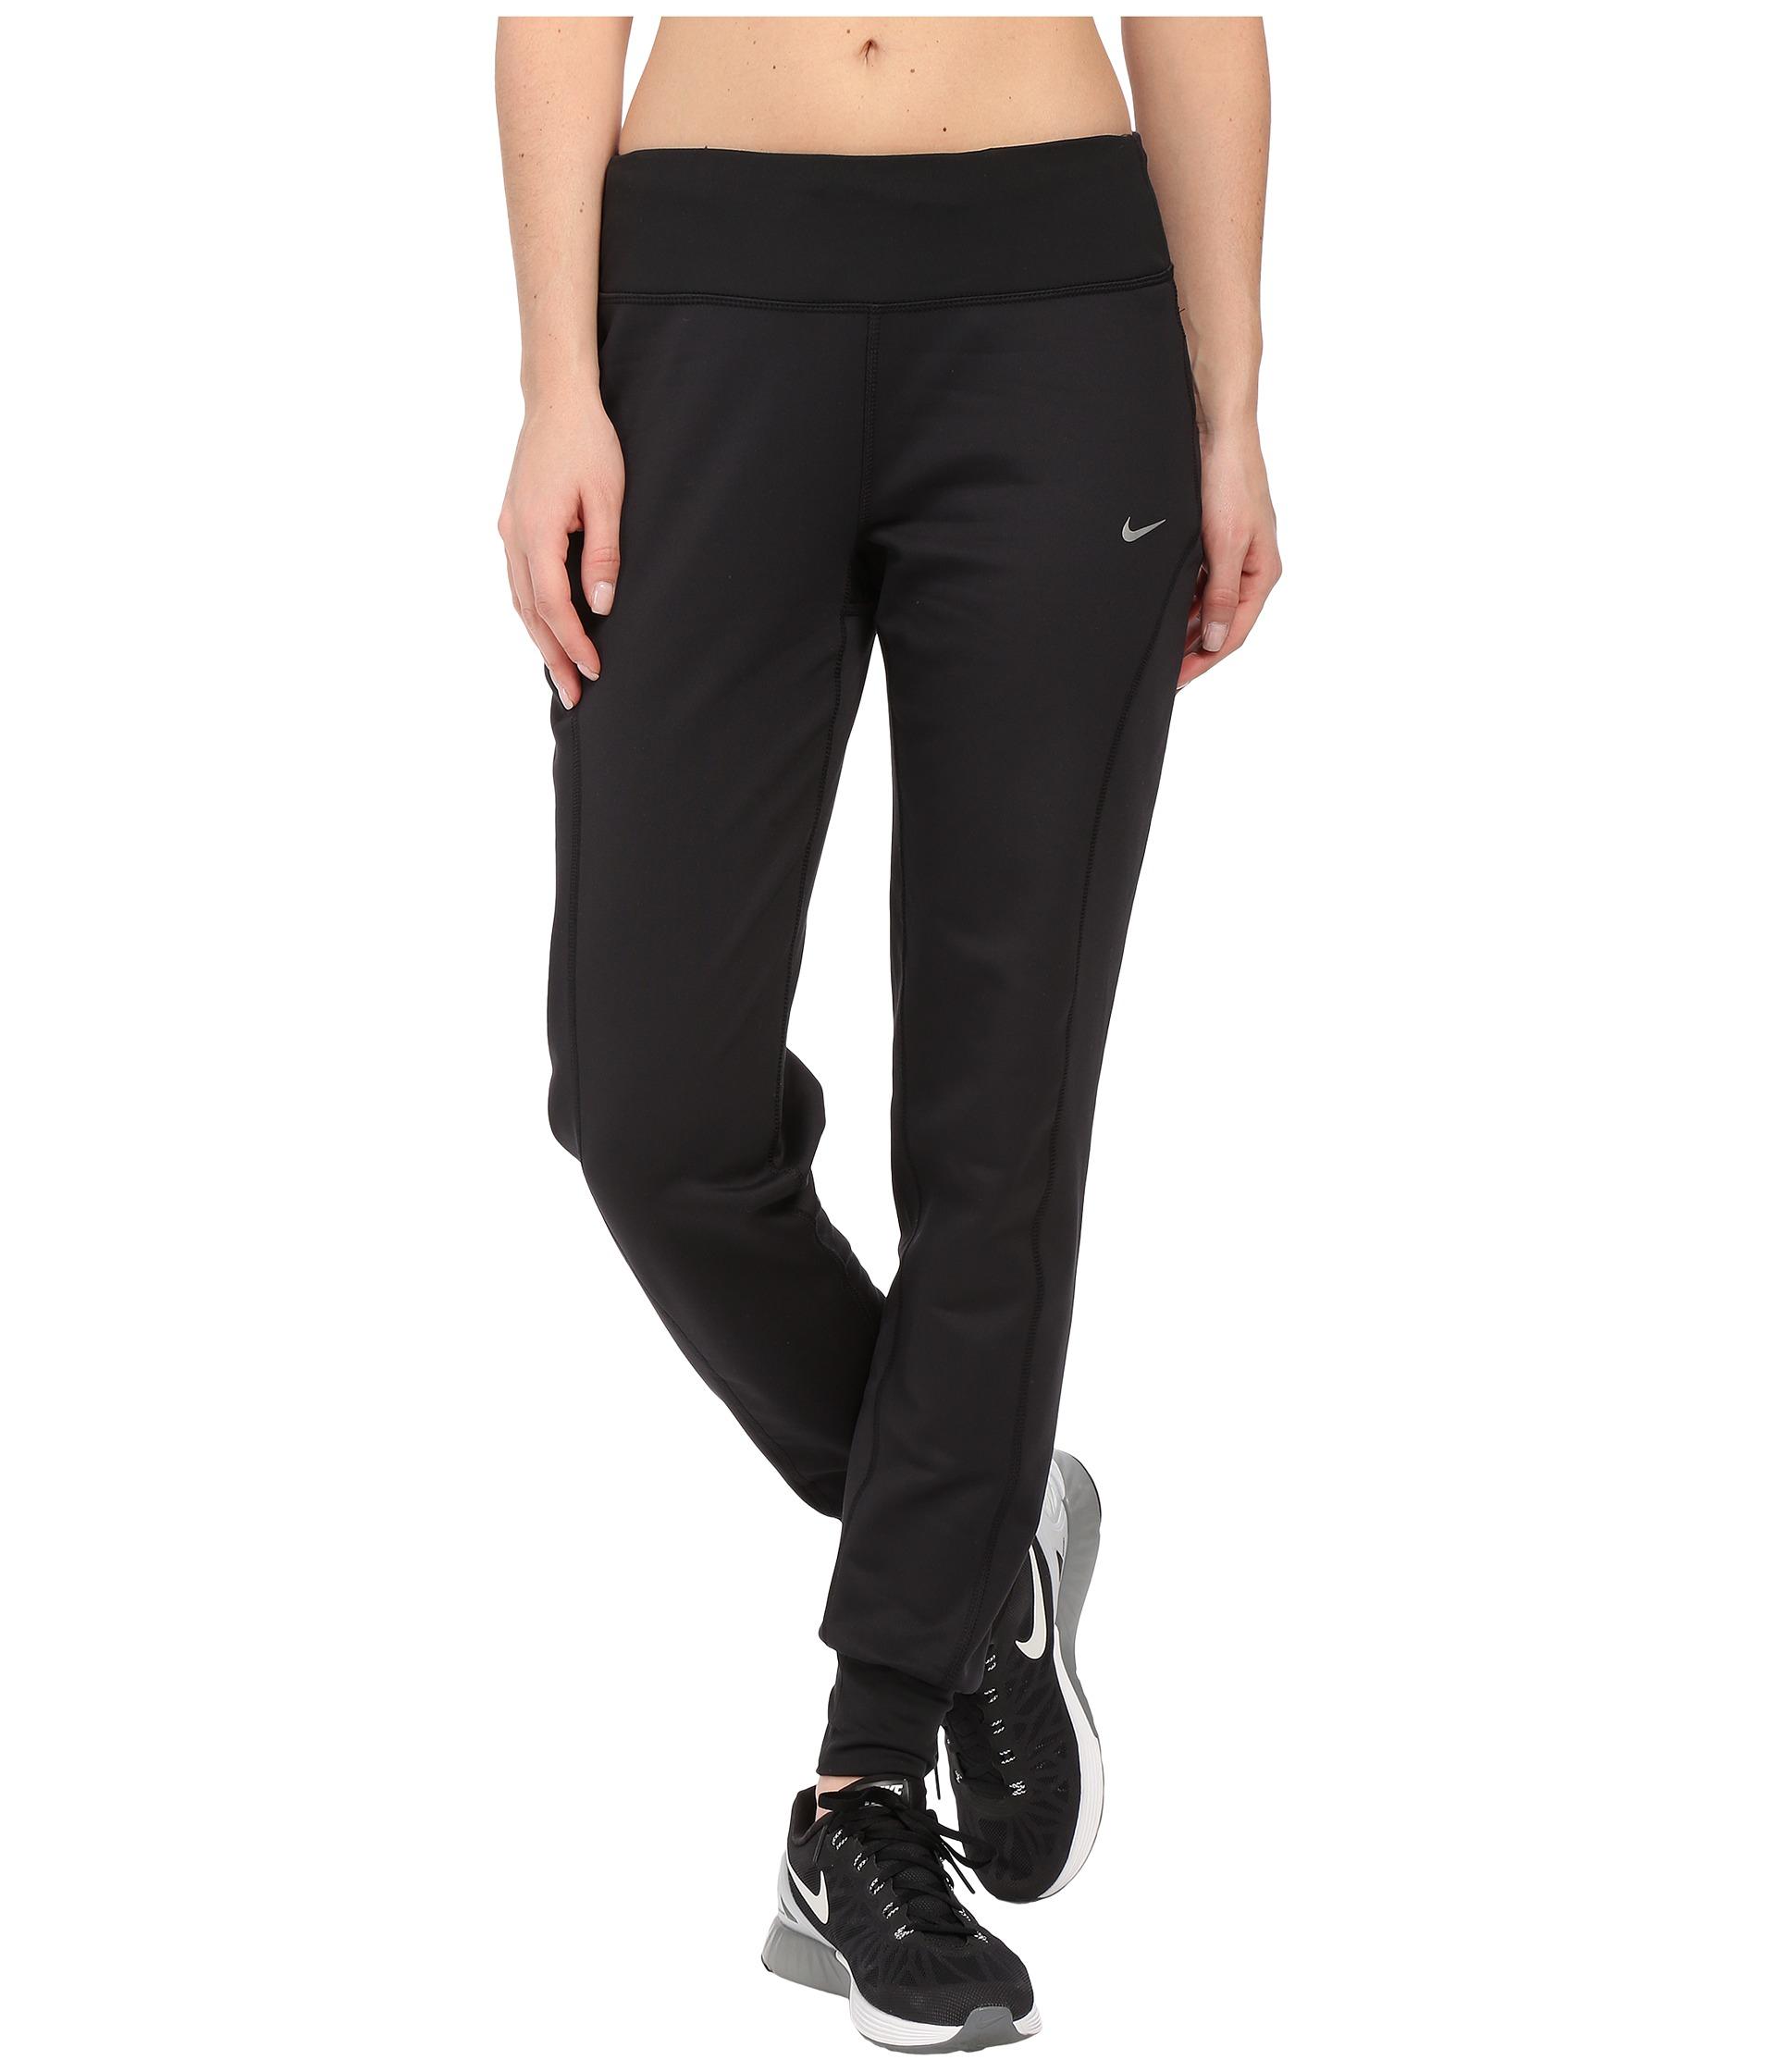 Nike dri fit therma pants jpg 1920x2240 Nike dri fit therma pants d5a2edbf8f6